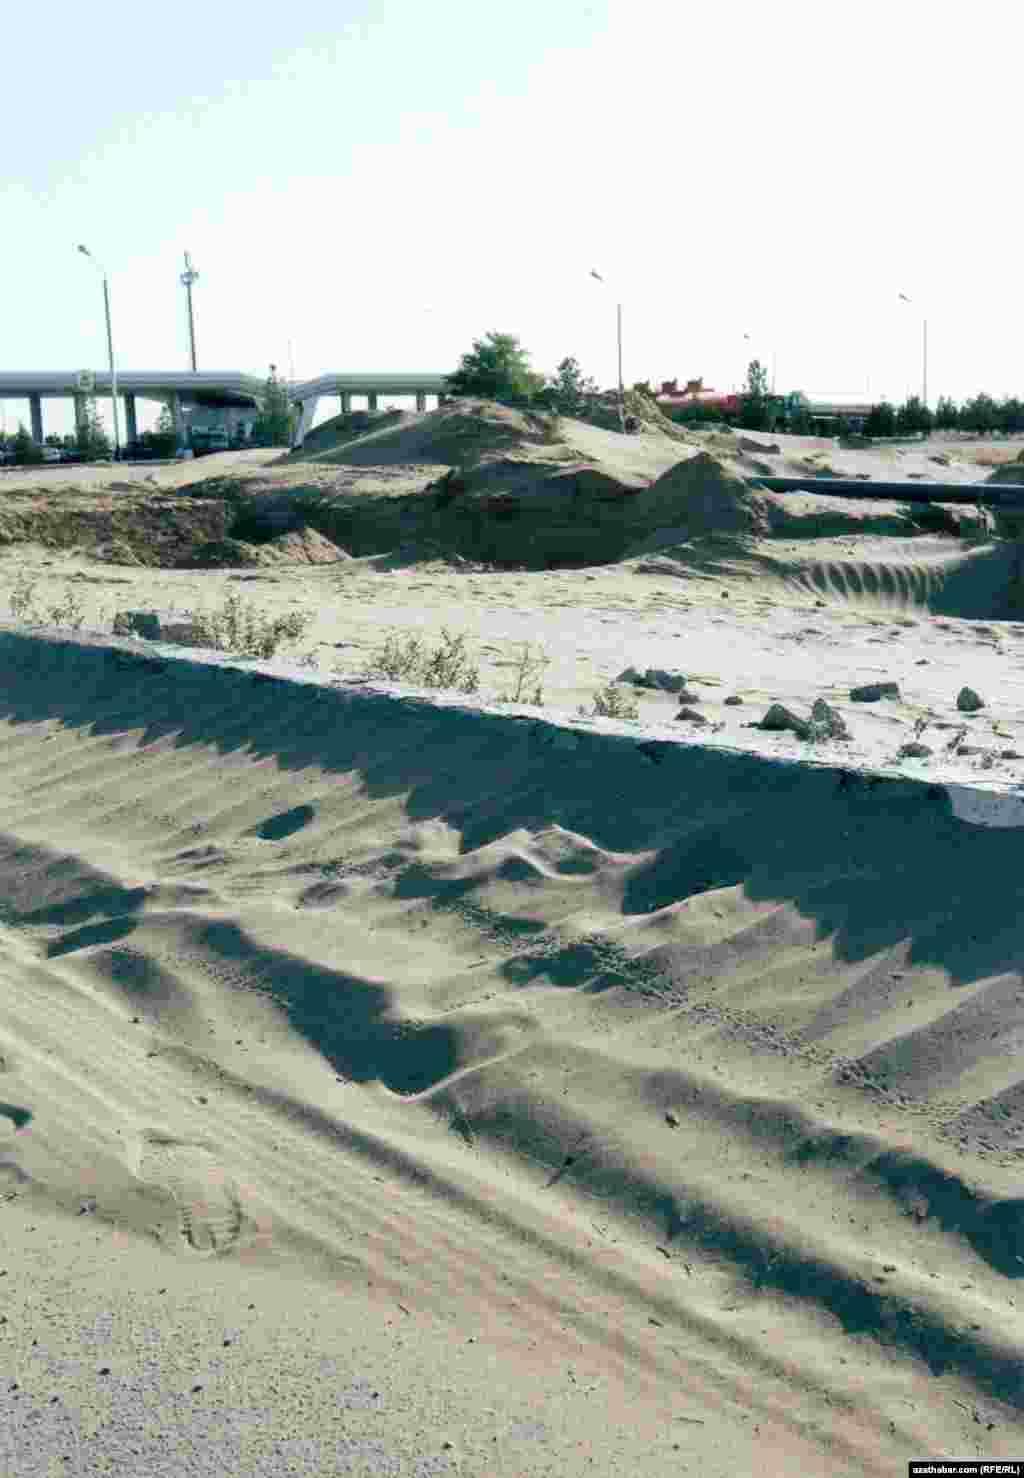 4-й километр трассы Ашхабад-Дашогуз. Песчанные завалы ограничивают доступ к заправочной станции.